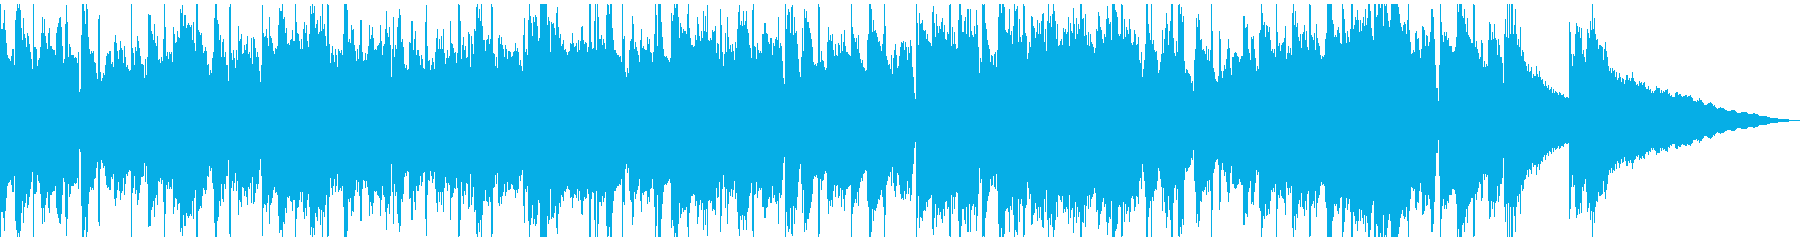 1920年代と30年代のサイレント...の再生済みの波形